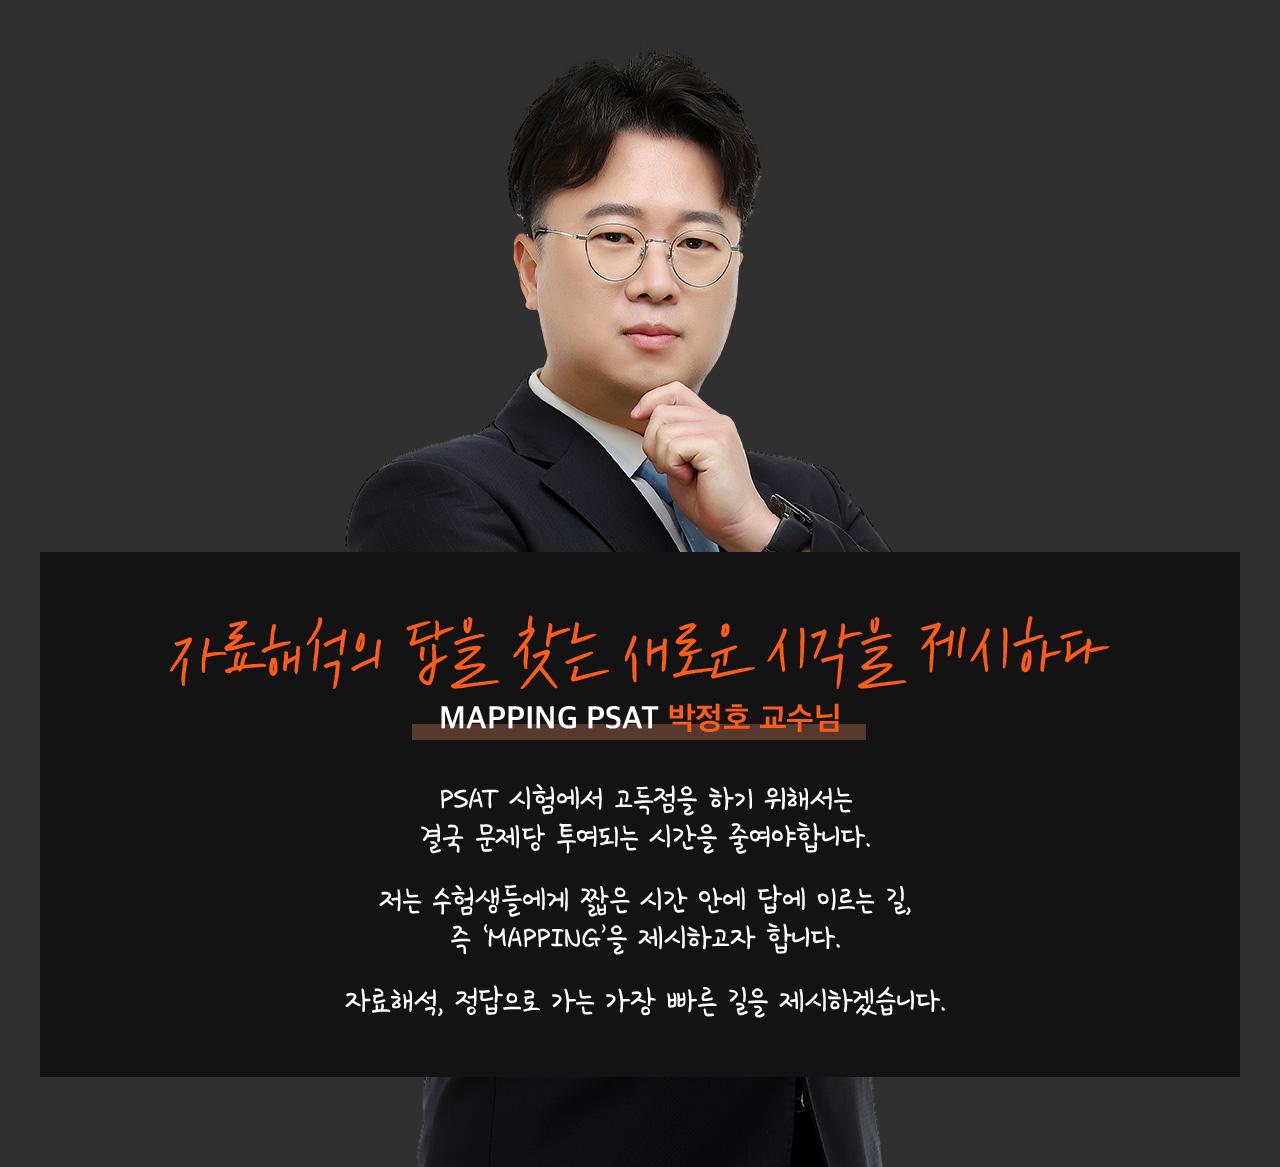 자료해석 박정호 교수님